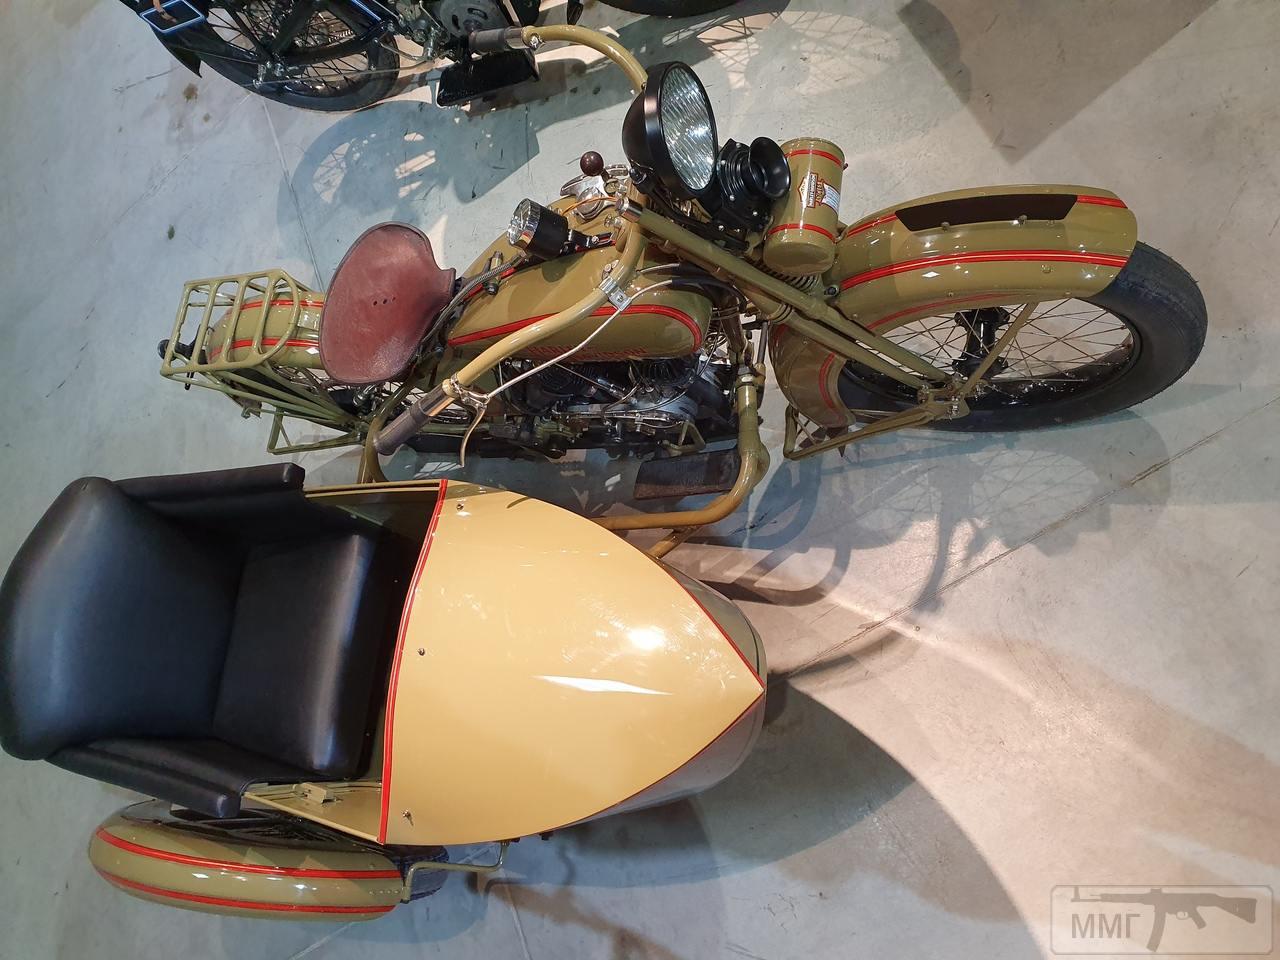 86468 - Армейские мотоциклы